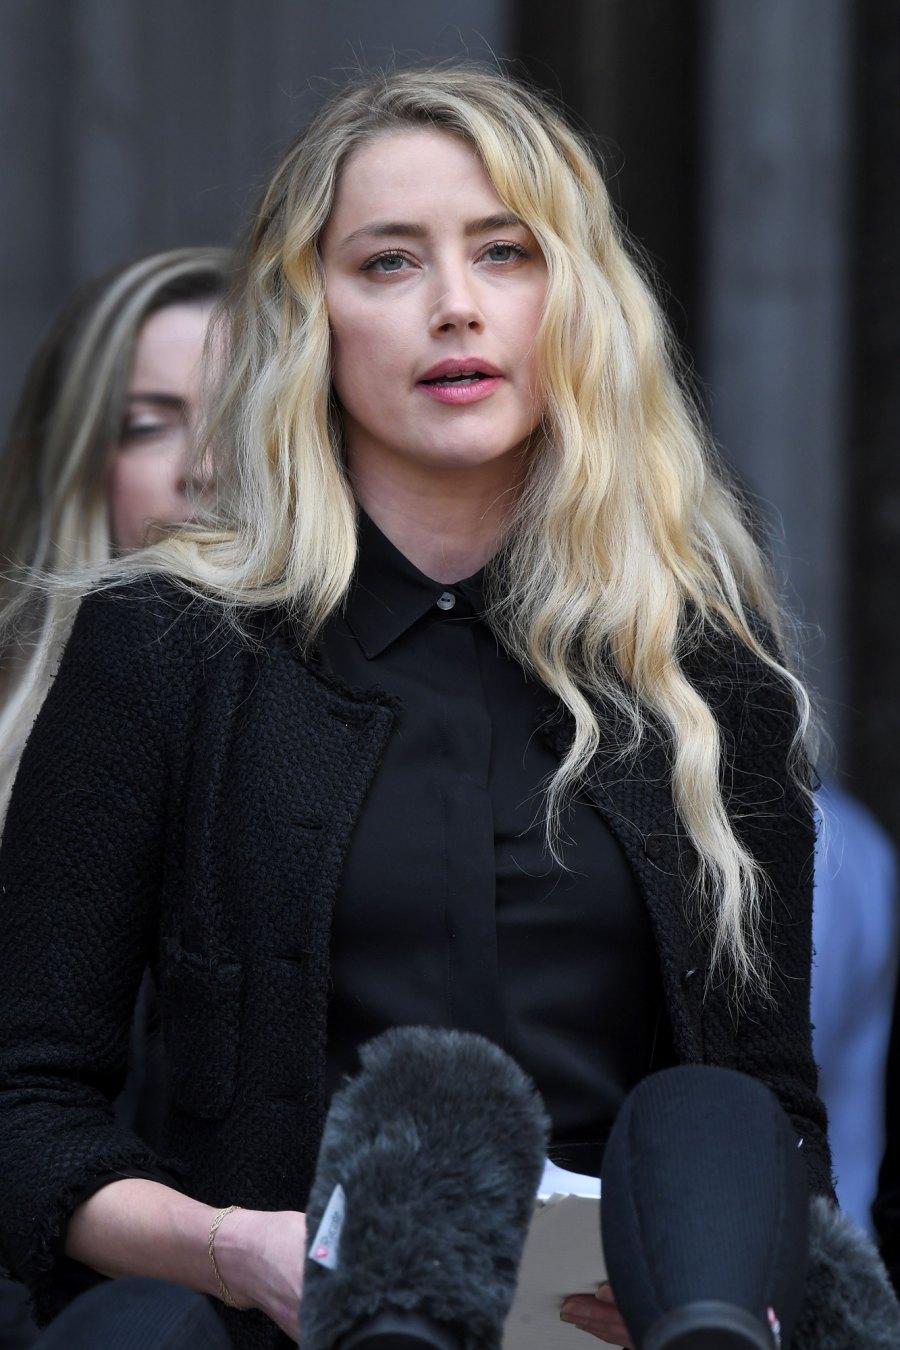 The End Amber Heard Johnny Depp Court Battle